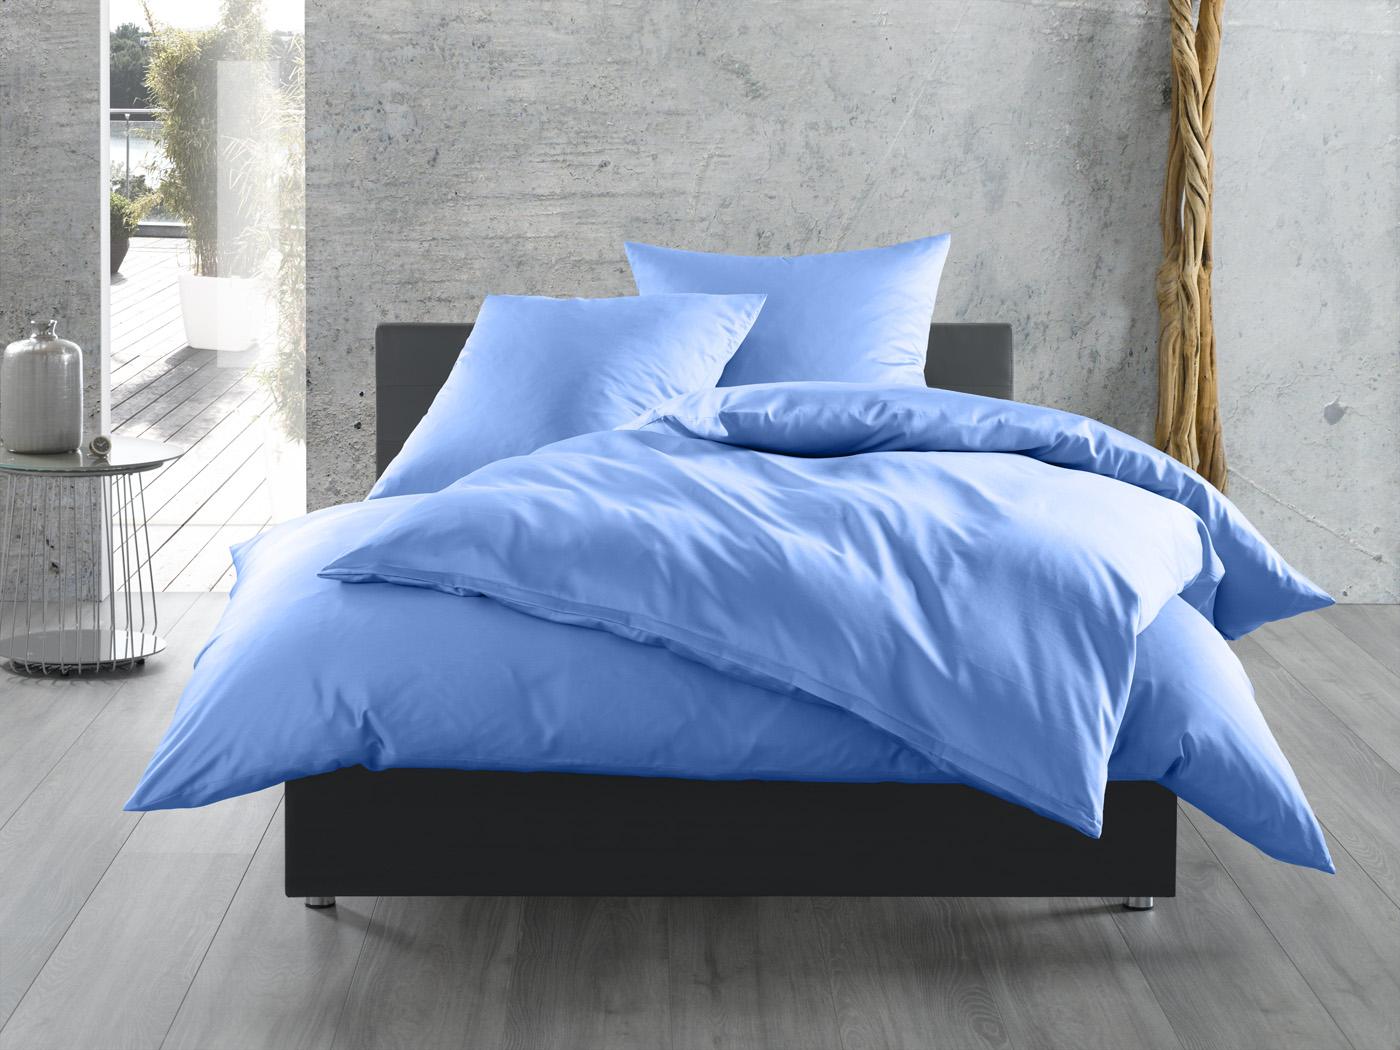 Bettwäsche Hellblau Uni Mako Satin Aus 100 Baumwolle